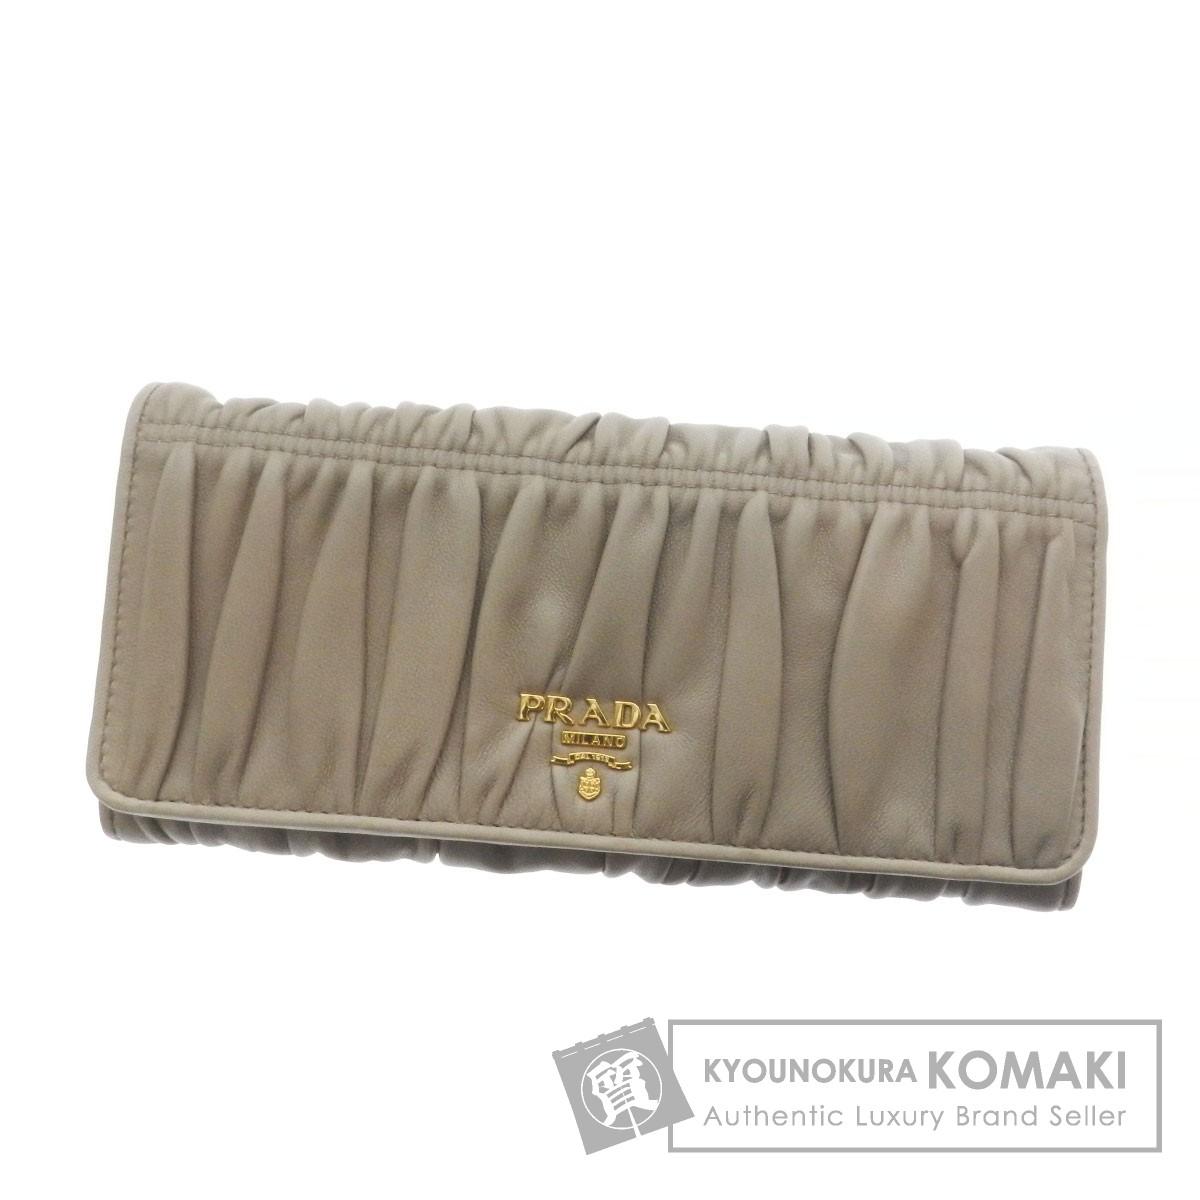 PRADA 1M1132 長財布(小銭入れあり) レザー レディース 【中古】【プラダ】